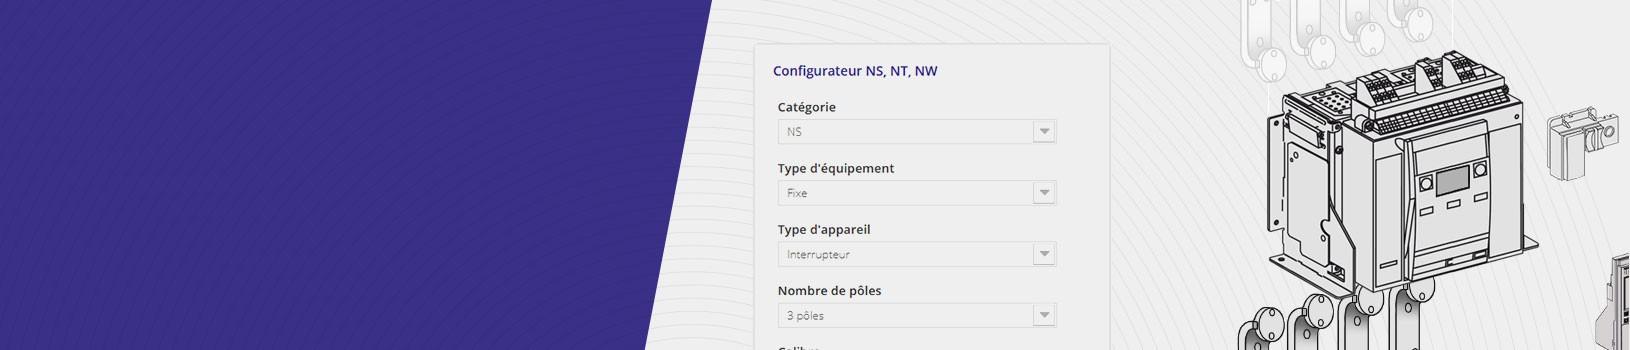 Présentation de la page de configuration NS, NT, NW